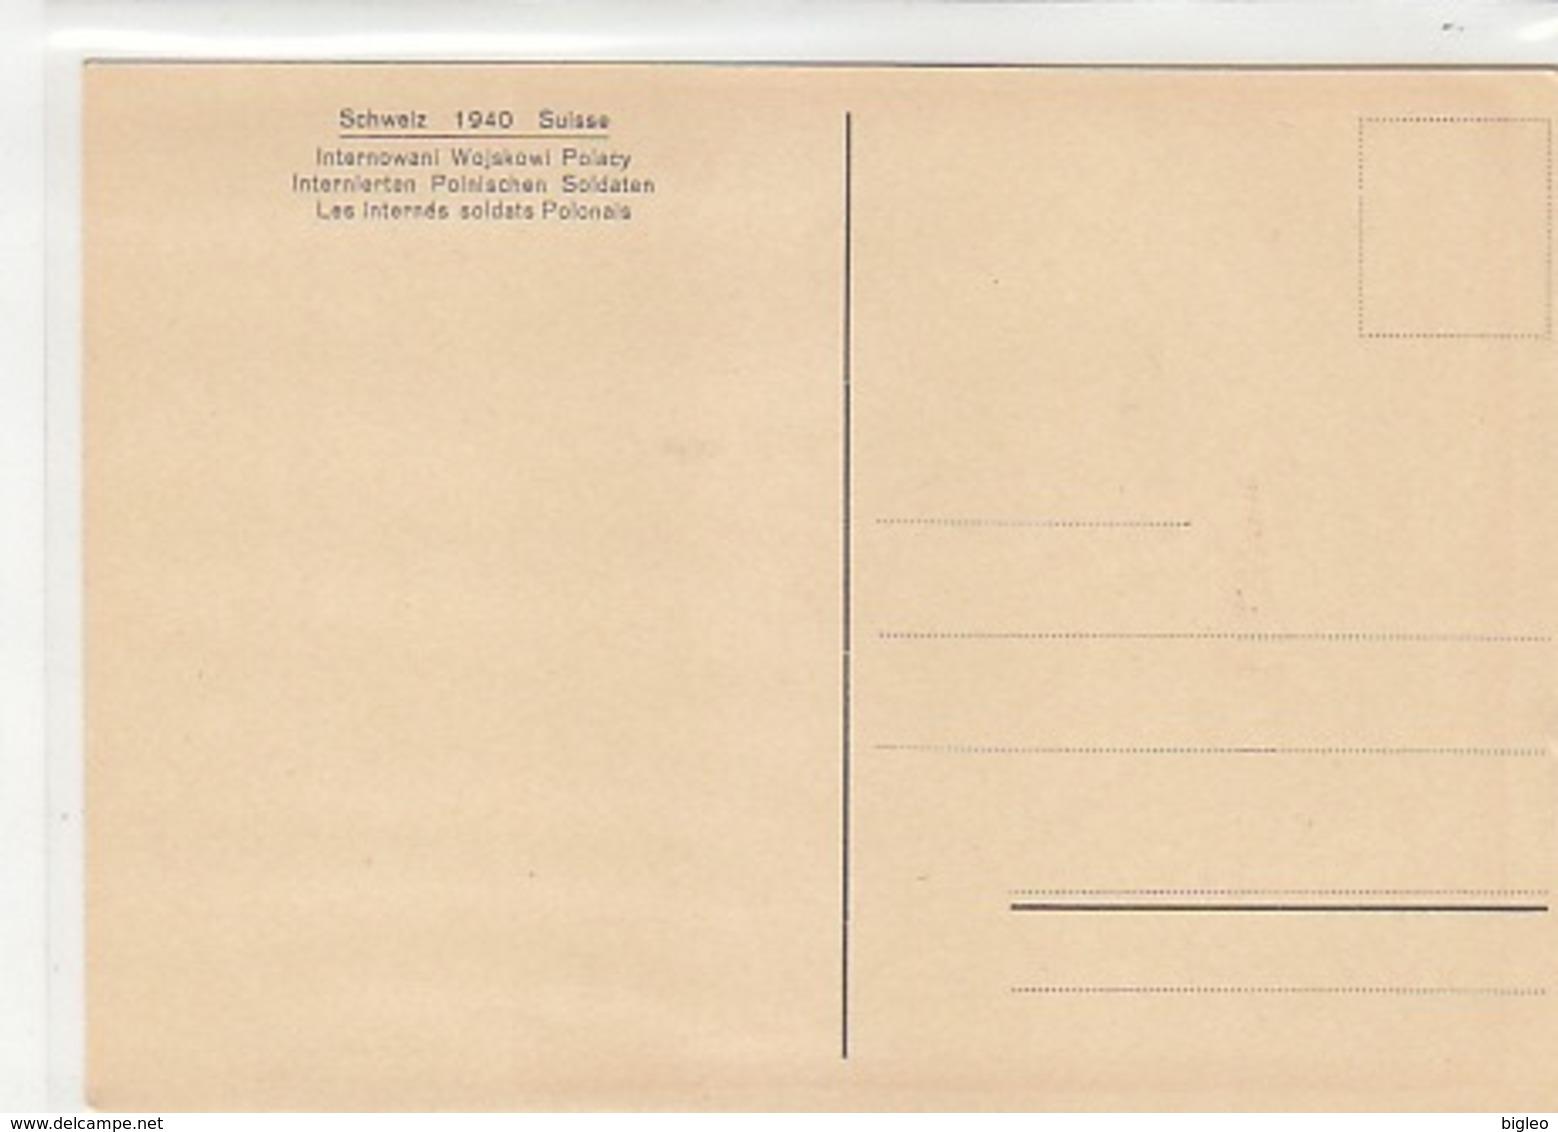 Z. Opalinski - Internierte Polnische Soldaten In Der Schweiz 1940 - Sign.         (A-129-160822) - Illustratori & Fotografie